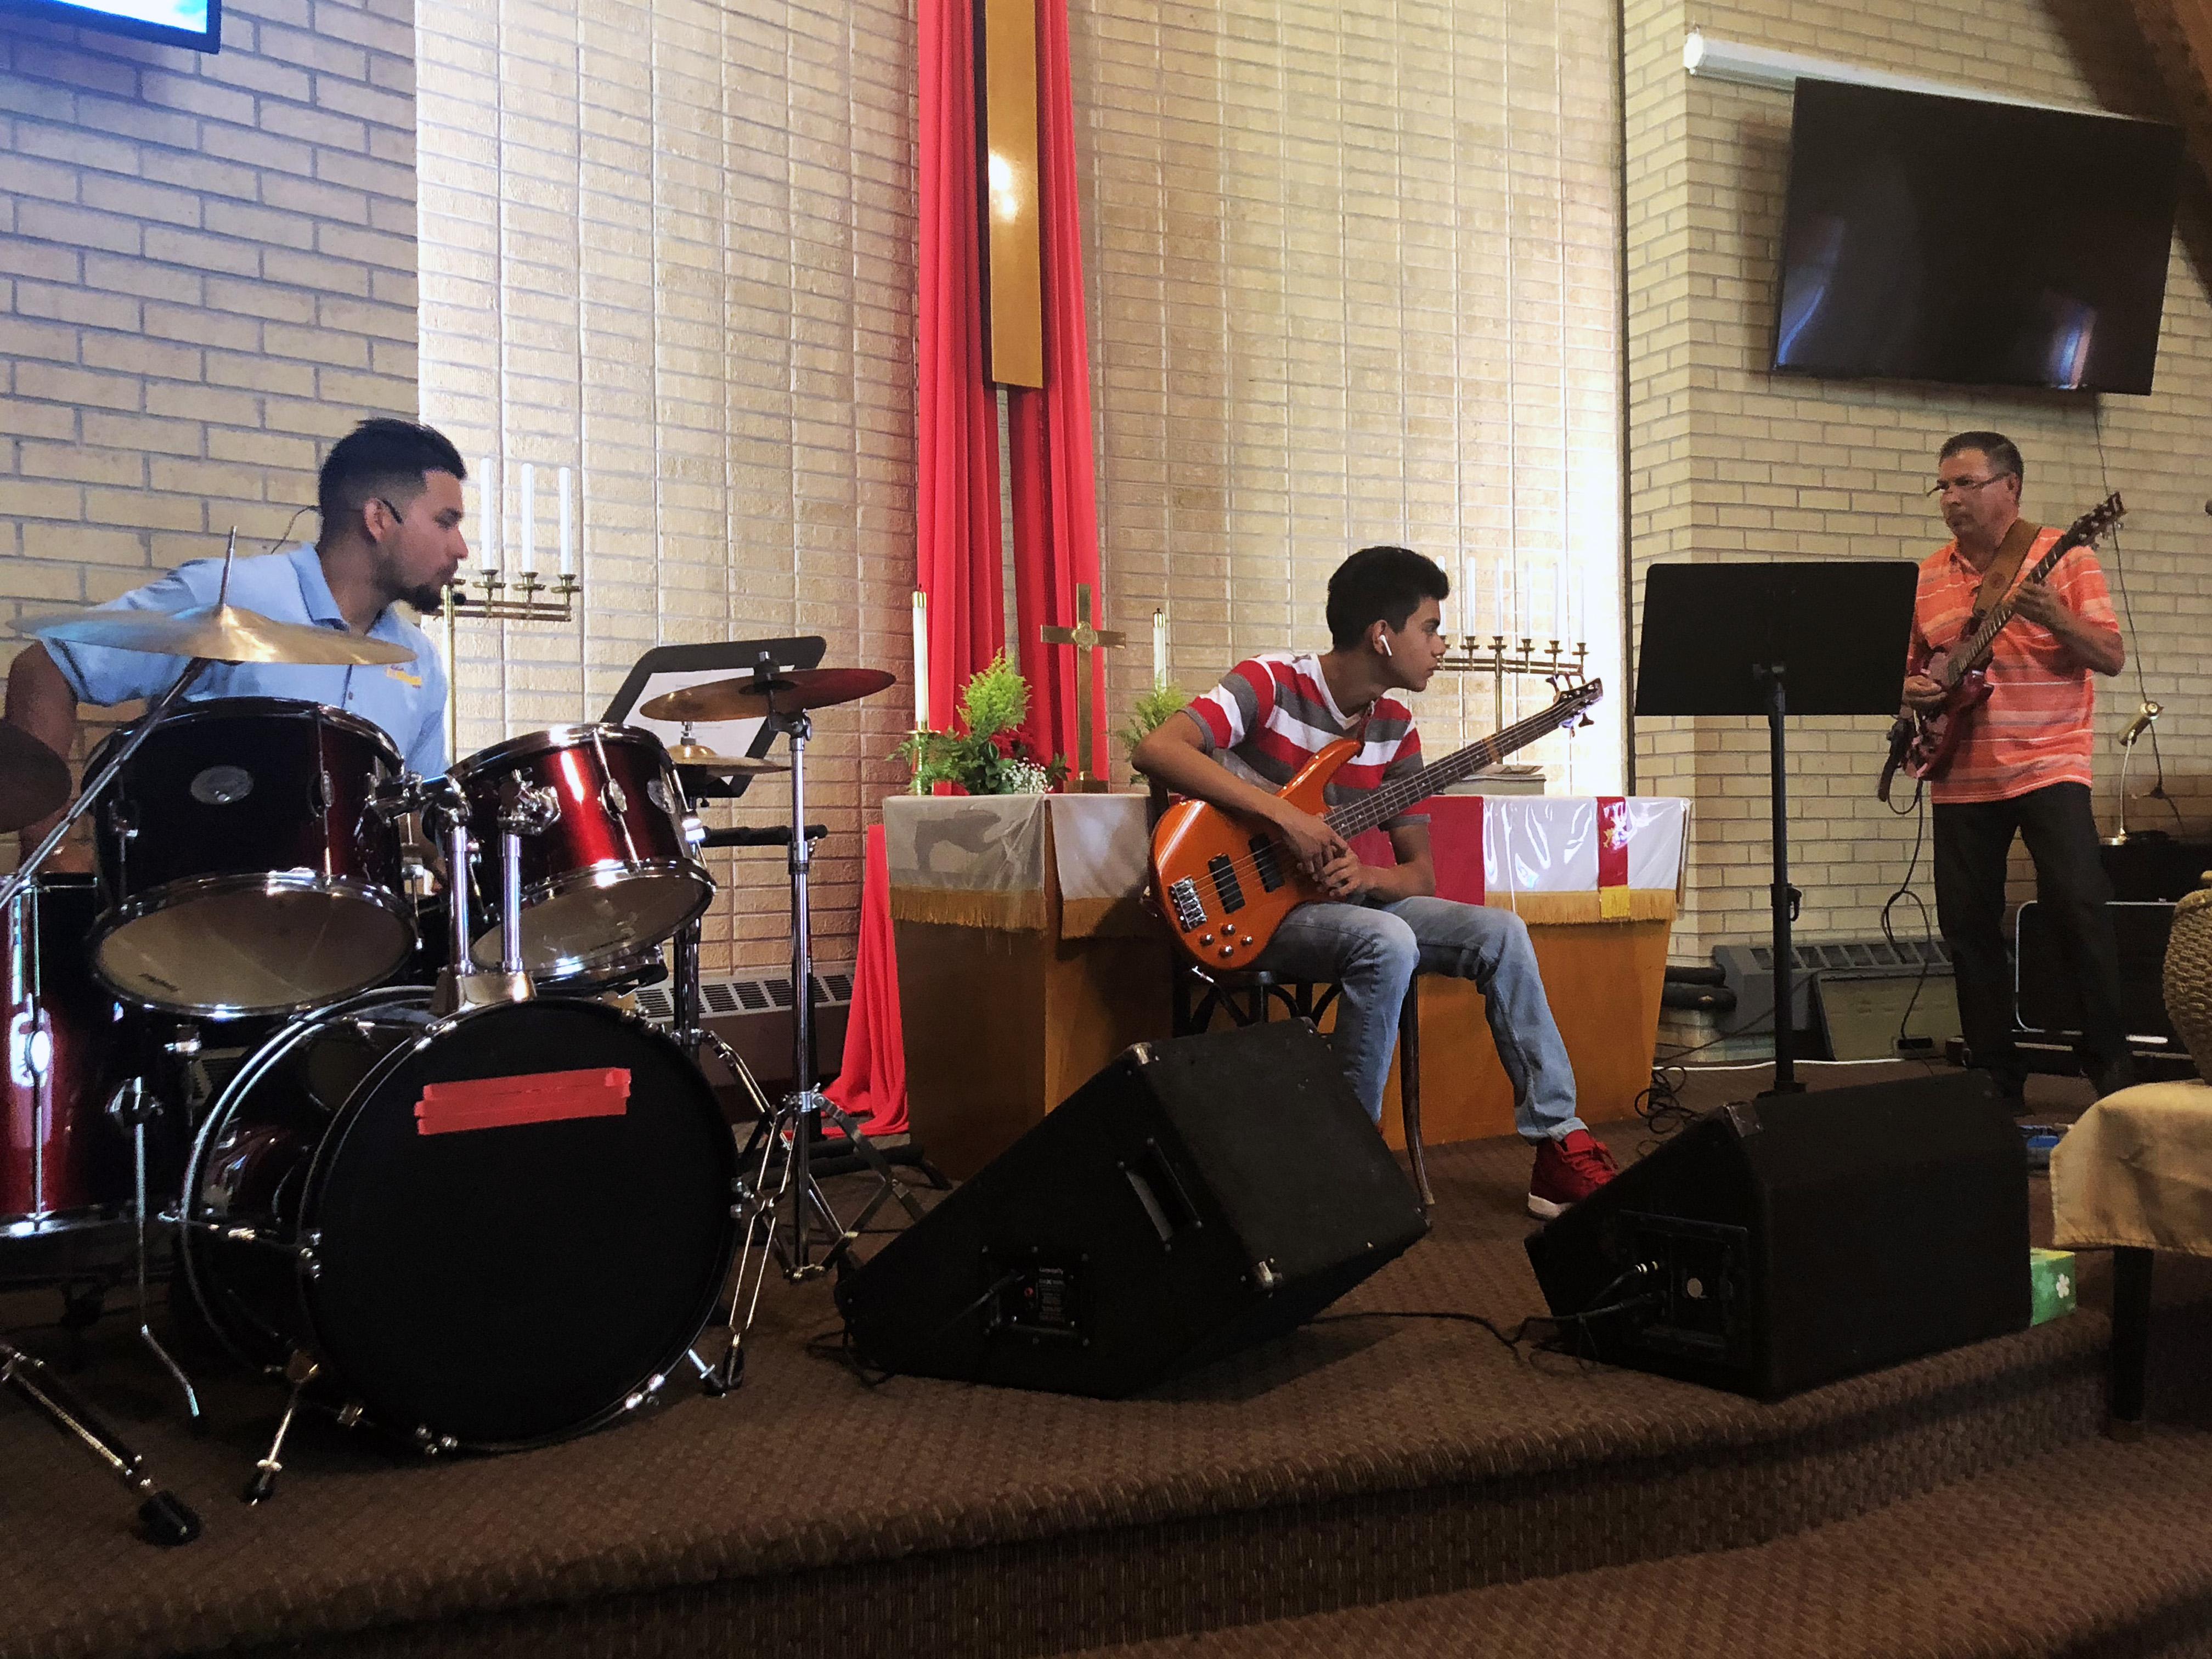 El talento por la música lo compartió con sus hijos Rafael Jr.(izquierda) y Juan Pedro (centro) , a quienes enseñó a tocar varios instrumentos, para integrar el grupo de alabanza de la iglesia. Foto cortesía de la familia Luna.